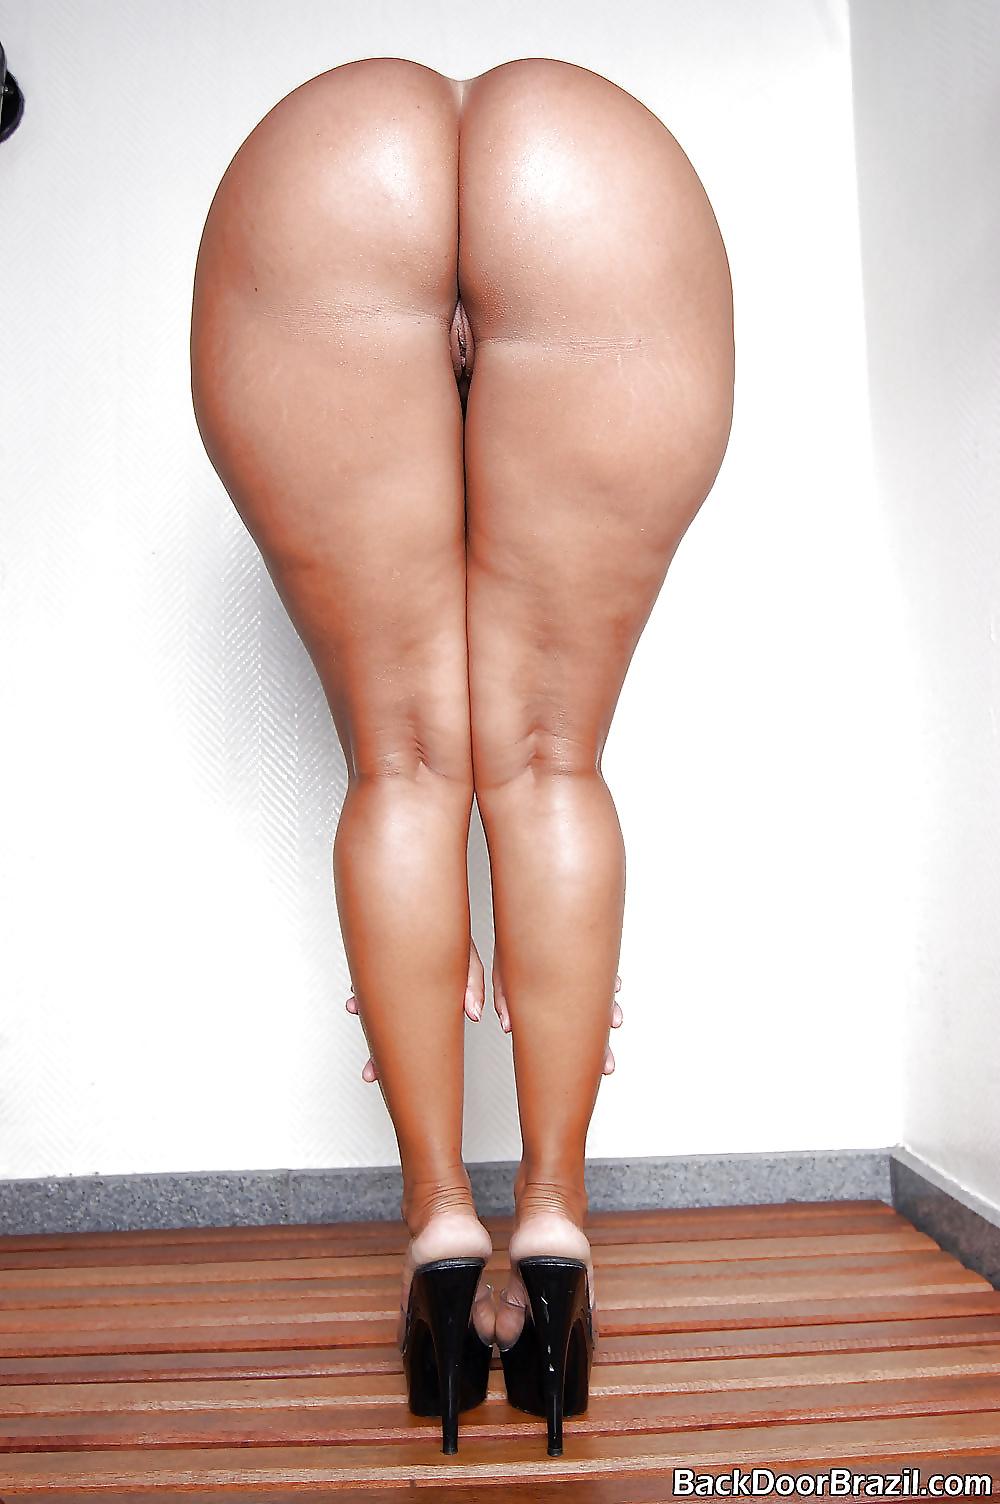 Bent Over Big Ass Black Woman